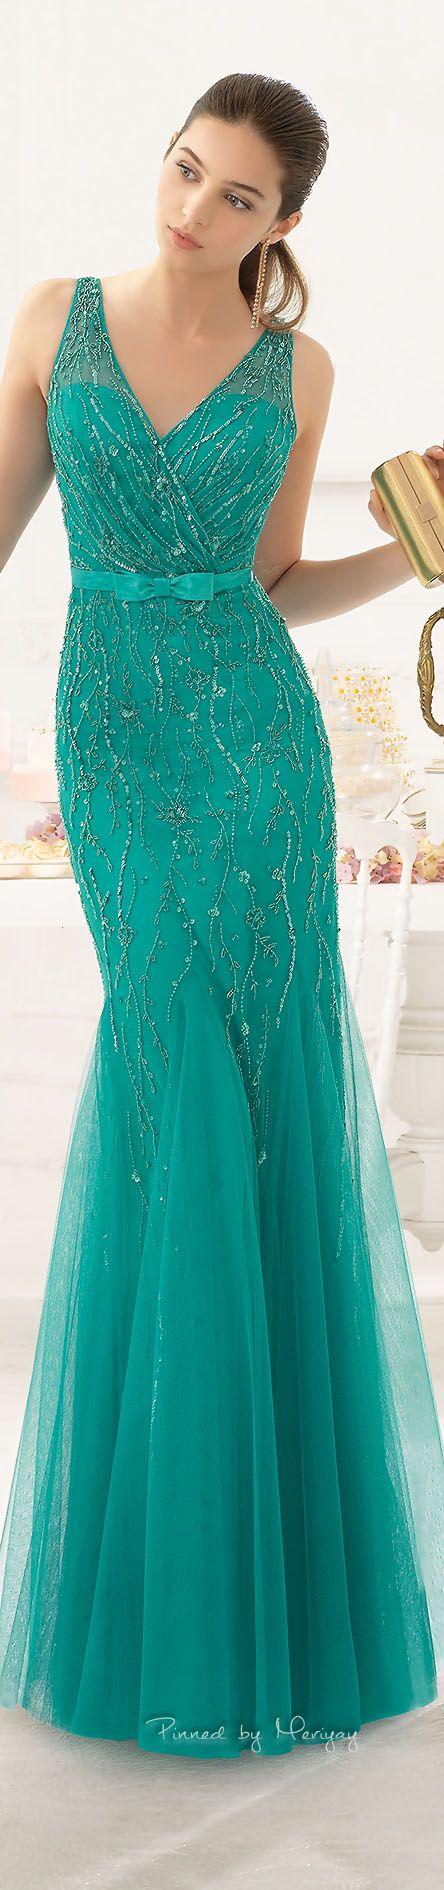 Visita nuestra pagina para ver más modelos! ❤❤❤ www.modainnovadora.com ❤❤❤  Visit our website to see more models!                                                                                                                                                     Más